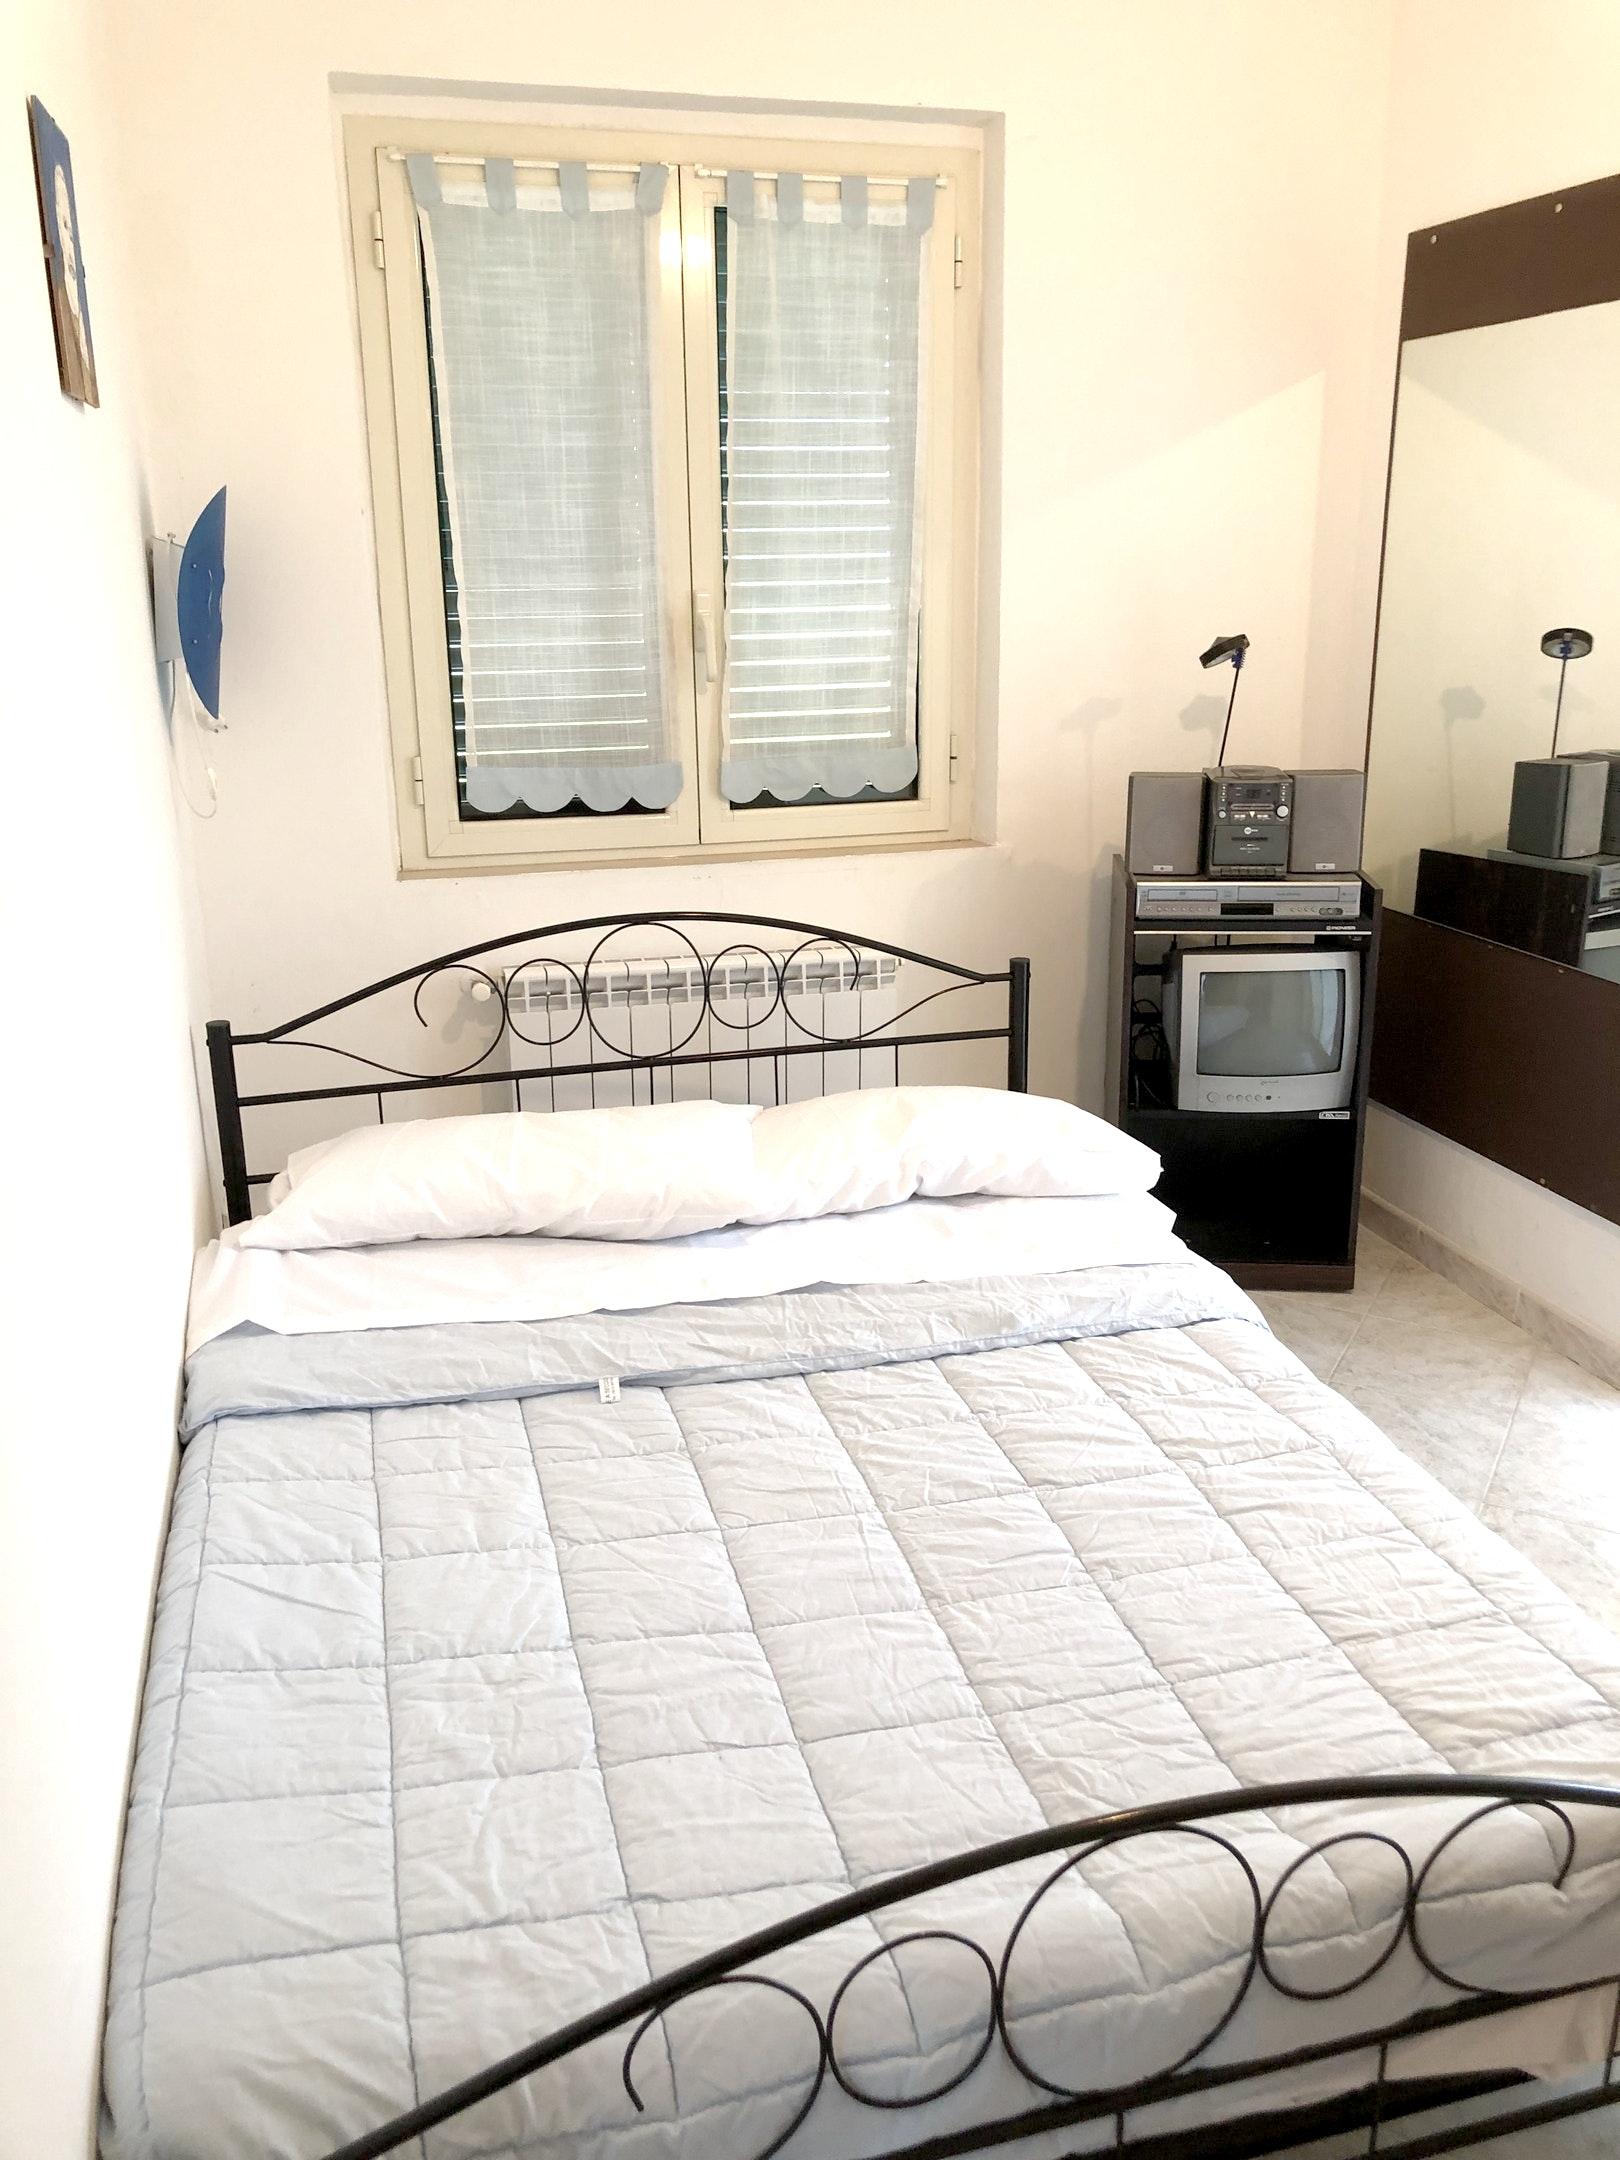 Ferienhaus Haus mit 3 Schlafzimmern in Montenero di bisaccia mit herrlichem Meerblick und eingezäunte (2524275), Montenero di Bisaccia, Campobasso, Molise, Italien, Bild 22